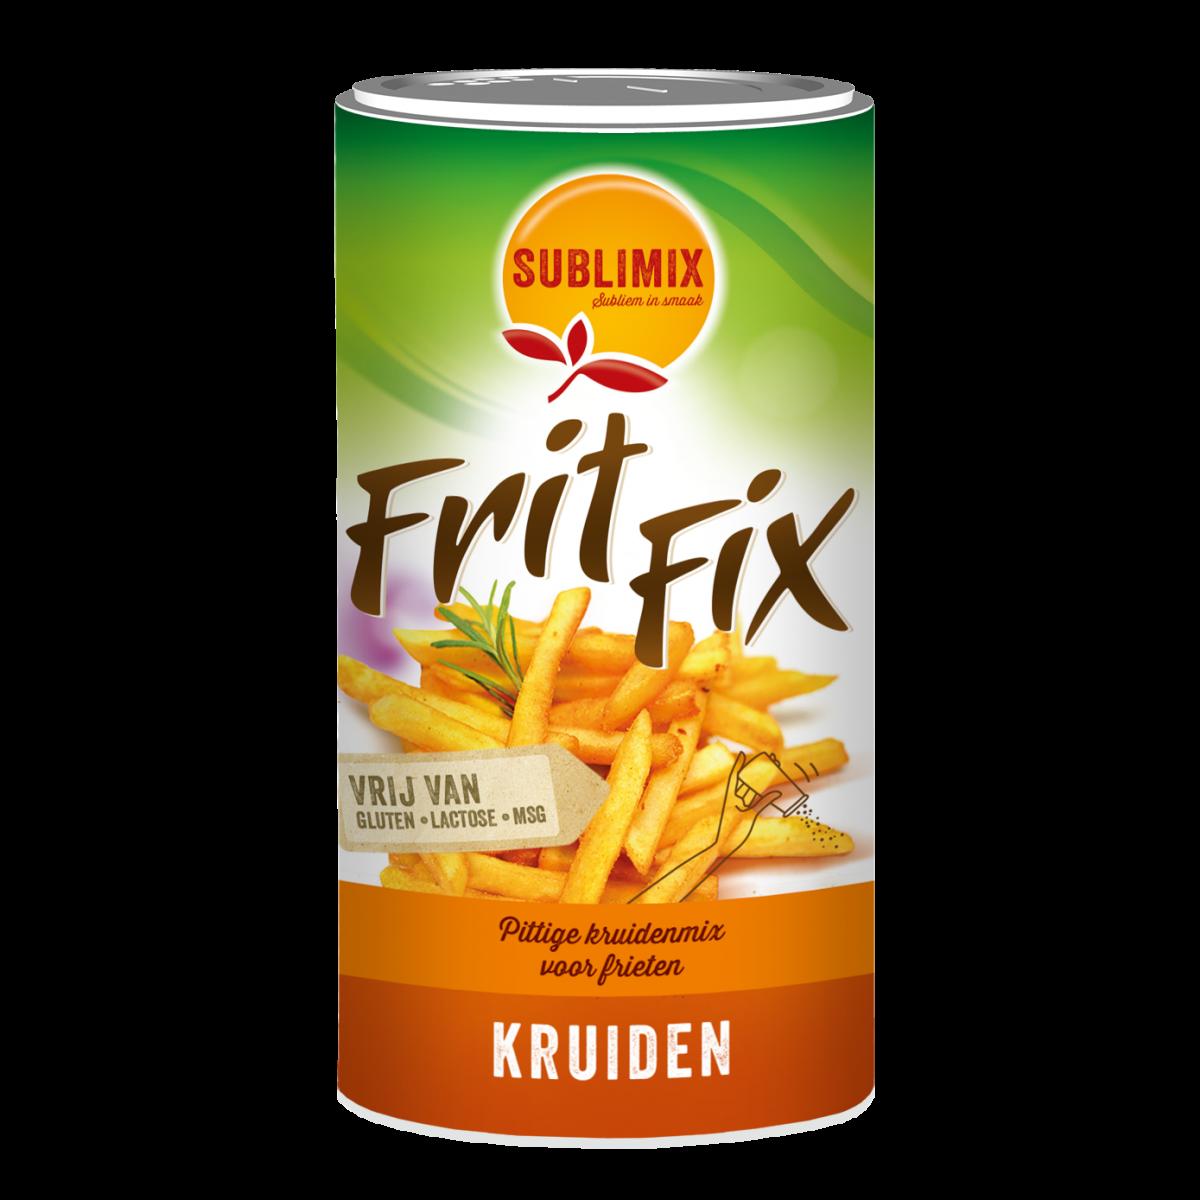 Sublimix Fritfix ( 300g)